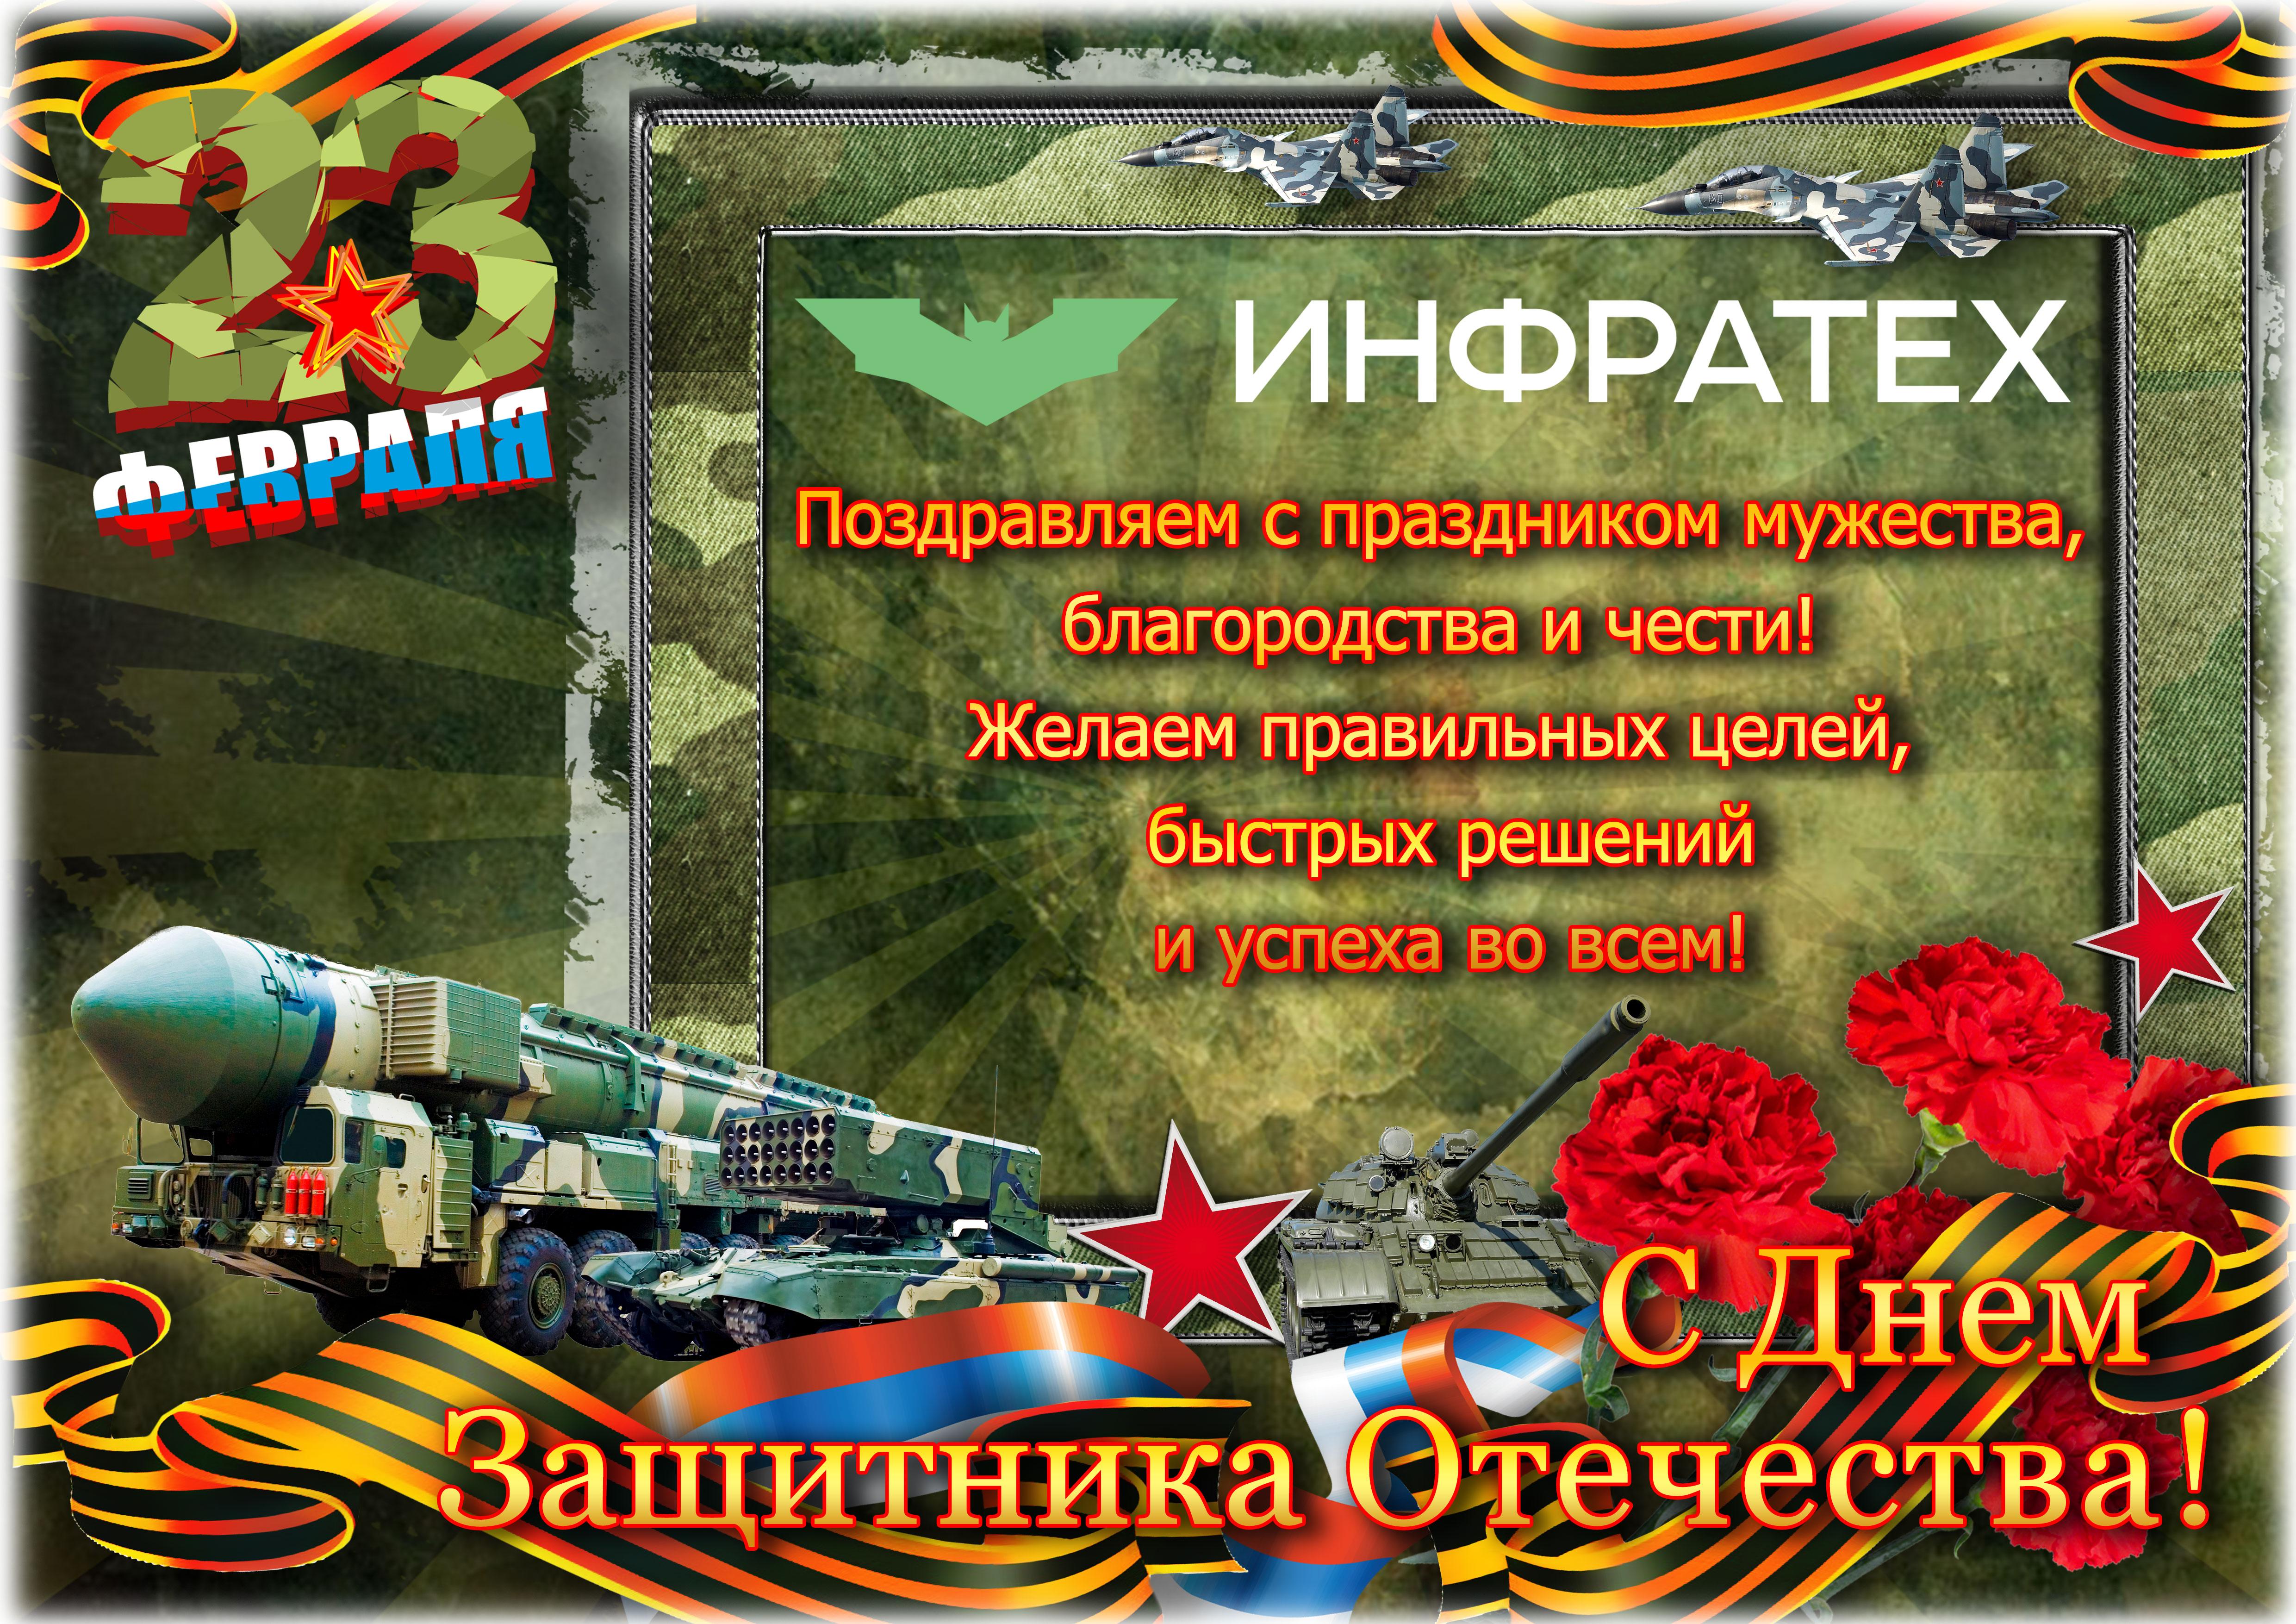 День защитника Отечества  / Инфратех (Infratech)